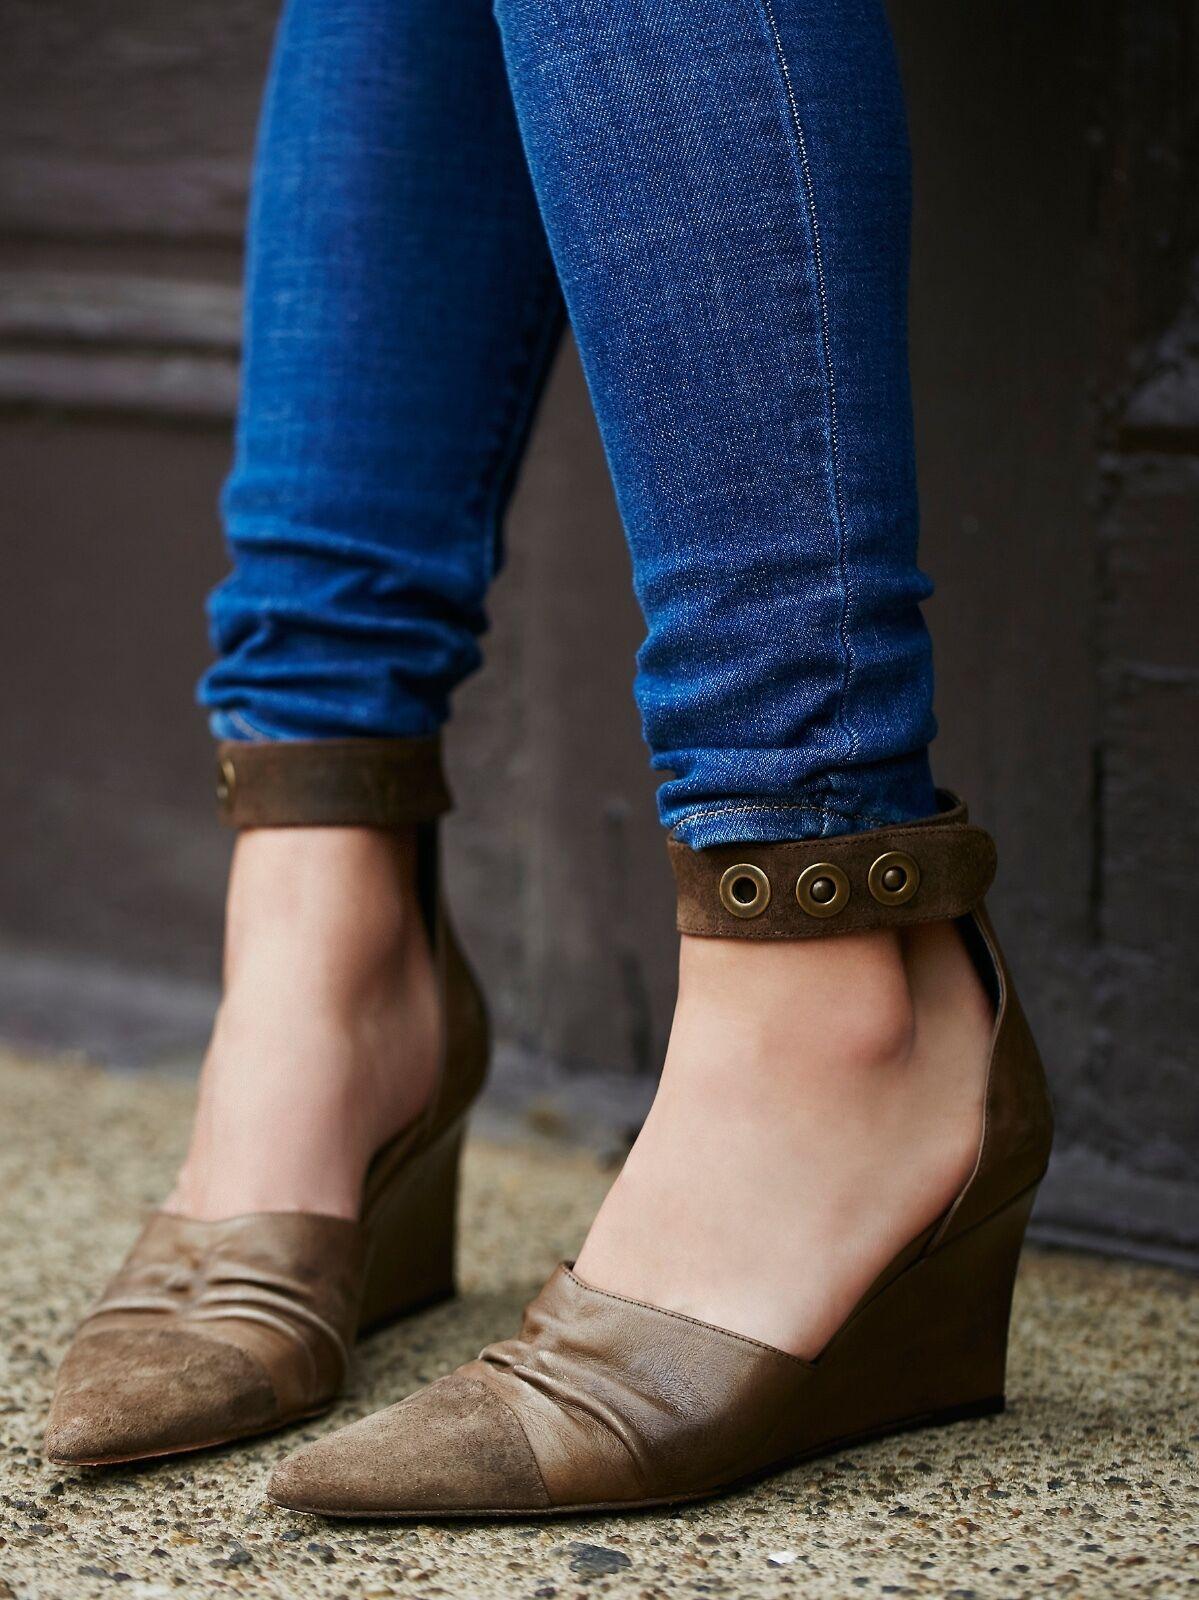 Free People Shadow Dancer Women's Brown Leather Wedge Heels 40 10M MSRP  228